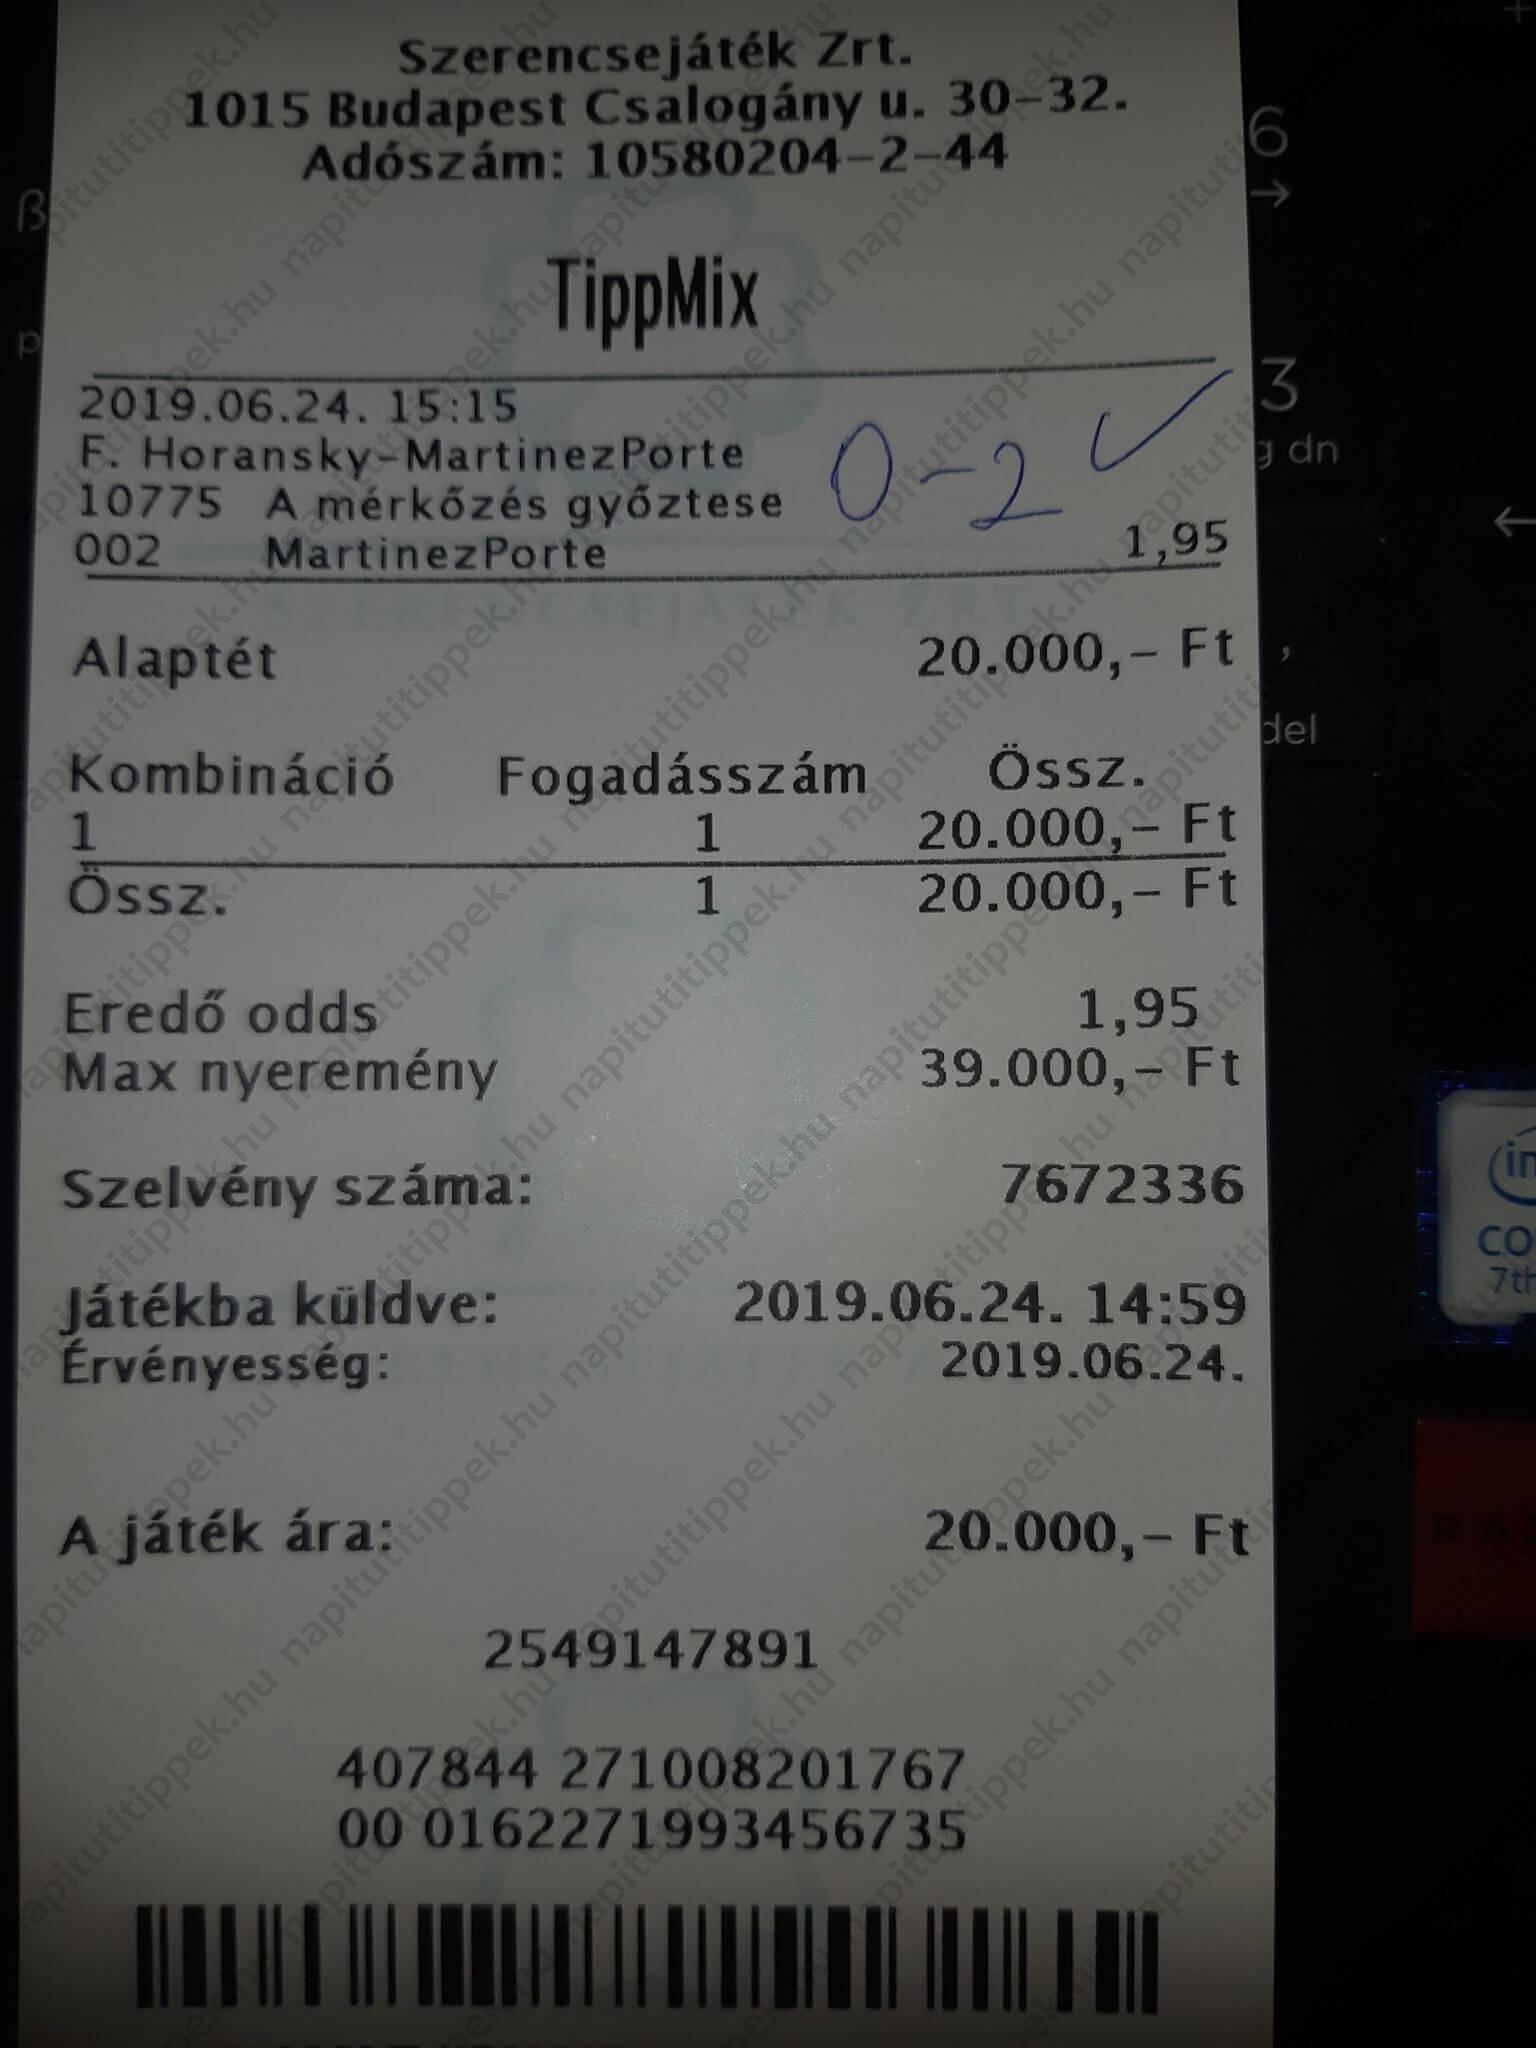 Profi Tippmix tippek és ütős sportfogadási variációk –  Tippmix tippek, mérkőzés elemzések, statisztikai adatok. Napi ingyenes tippek. Csatlakozz Magyarország legsikeresebb sportfogadó csapatához!